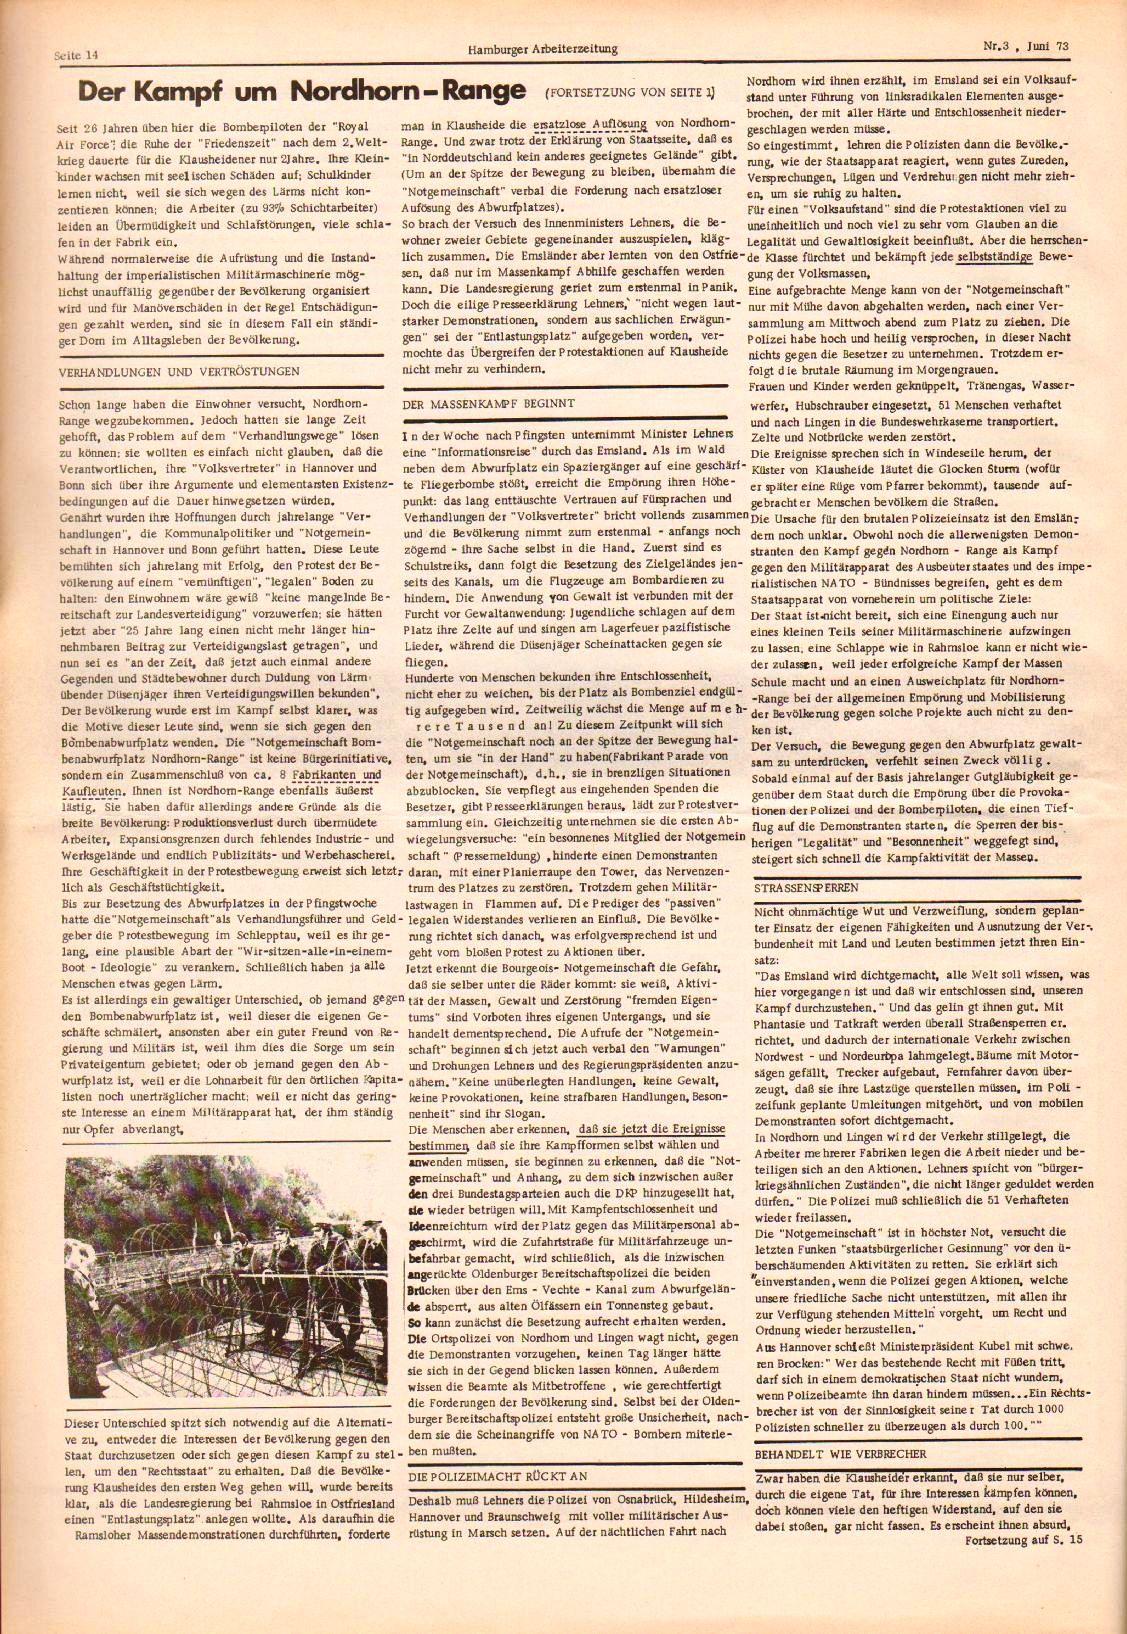 Hamburger_Arbeiterzeitung062